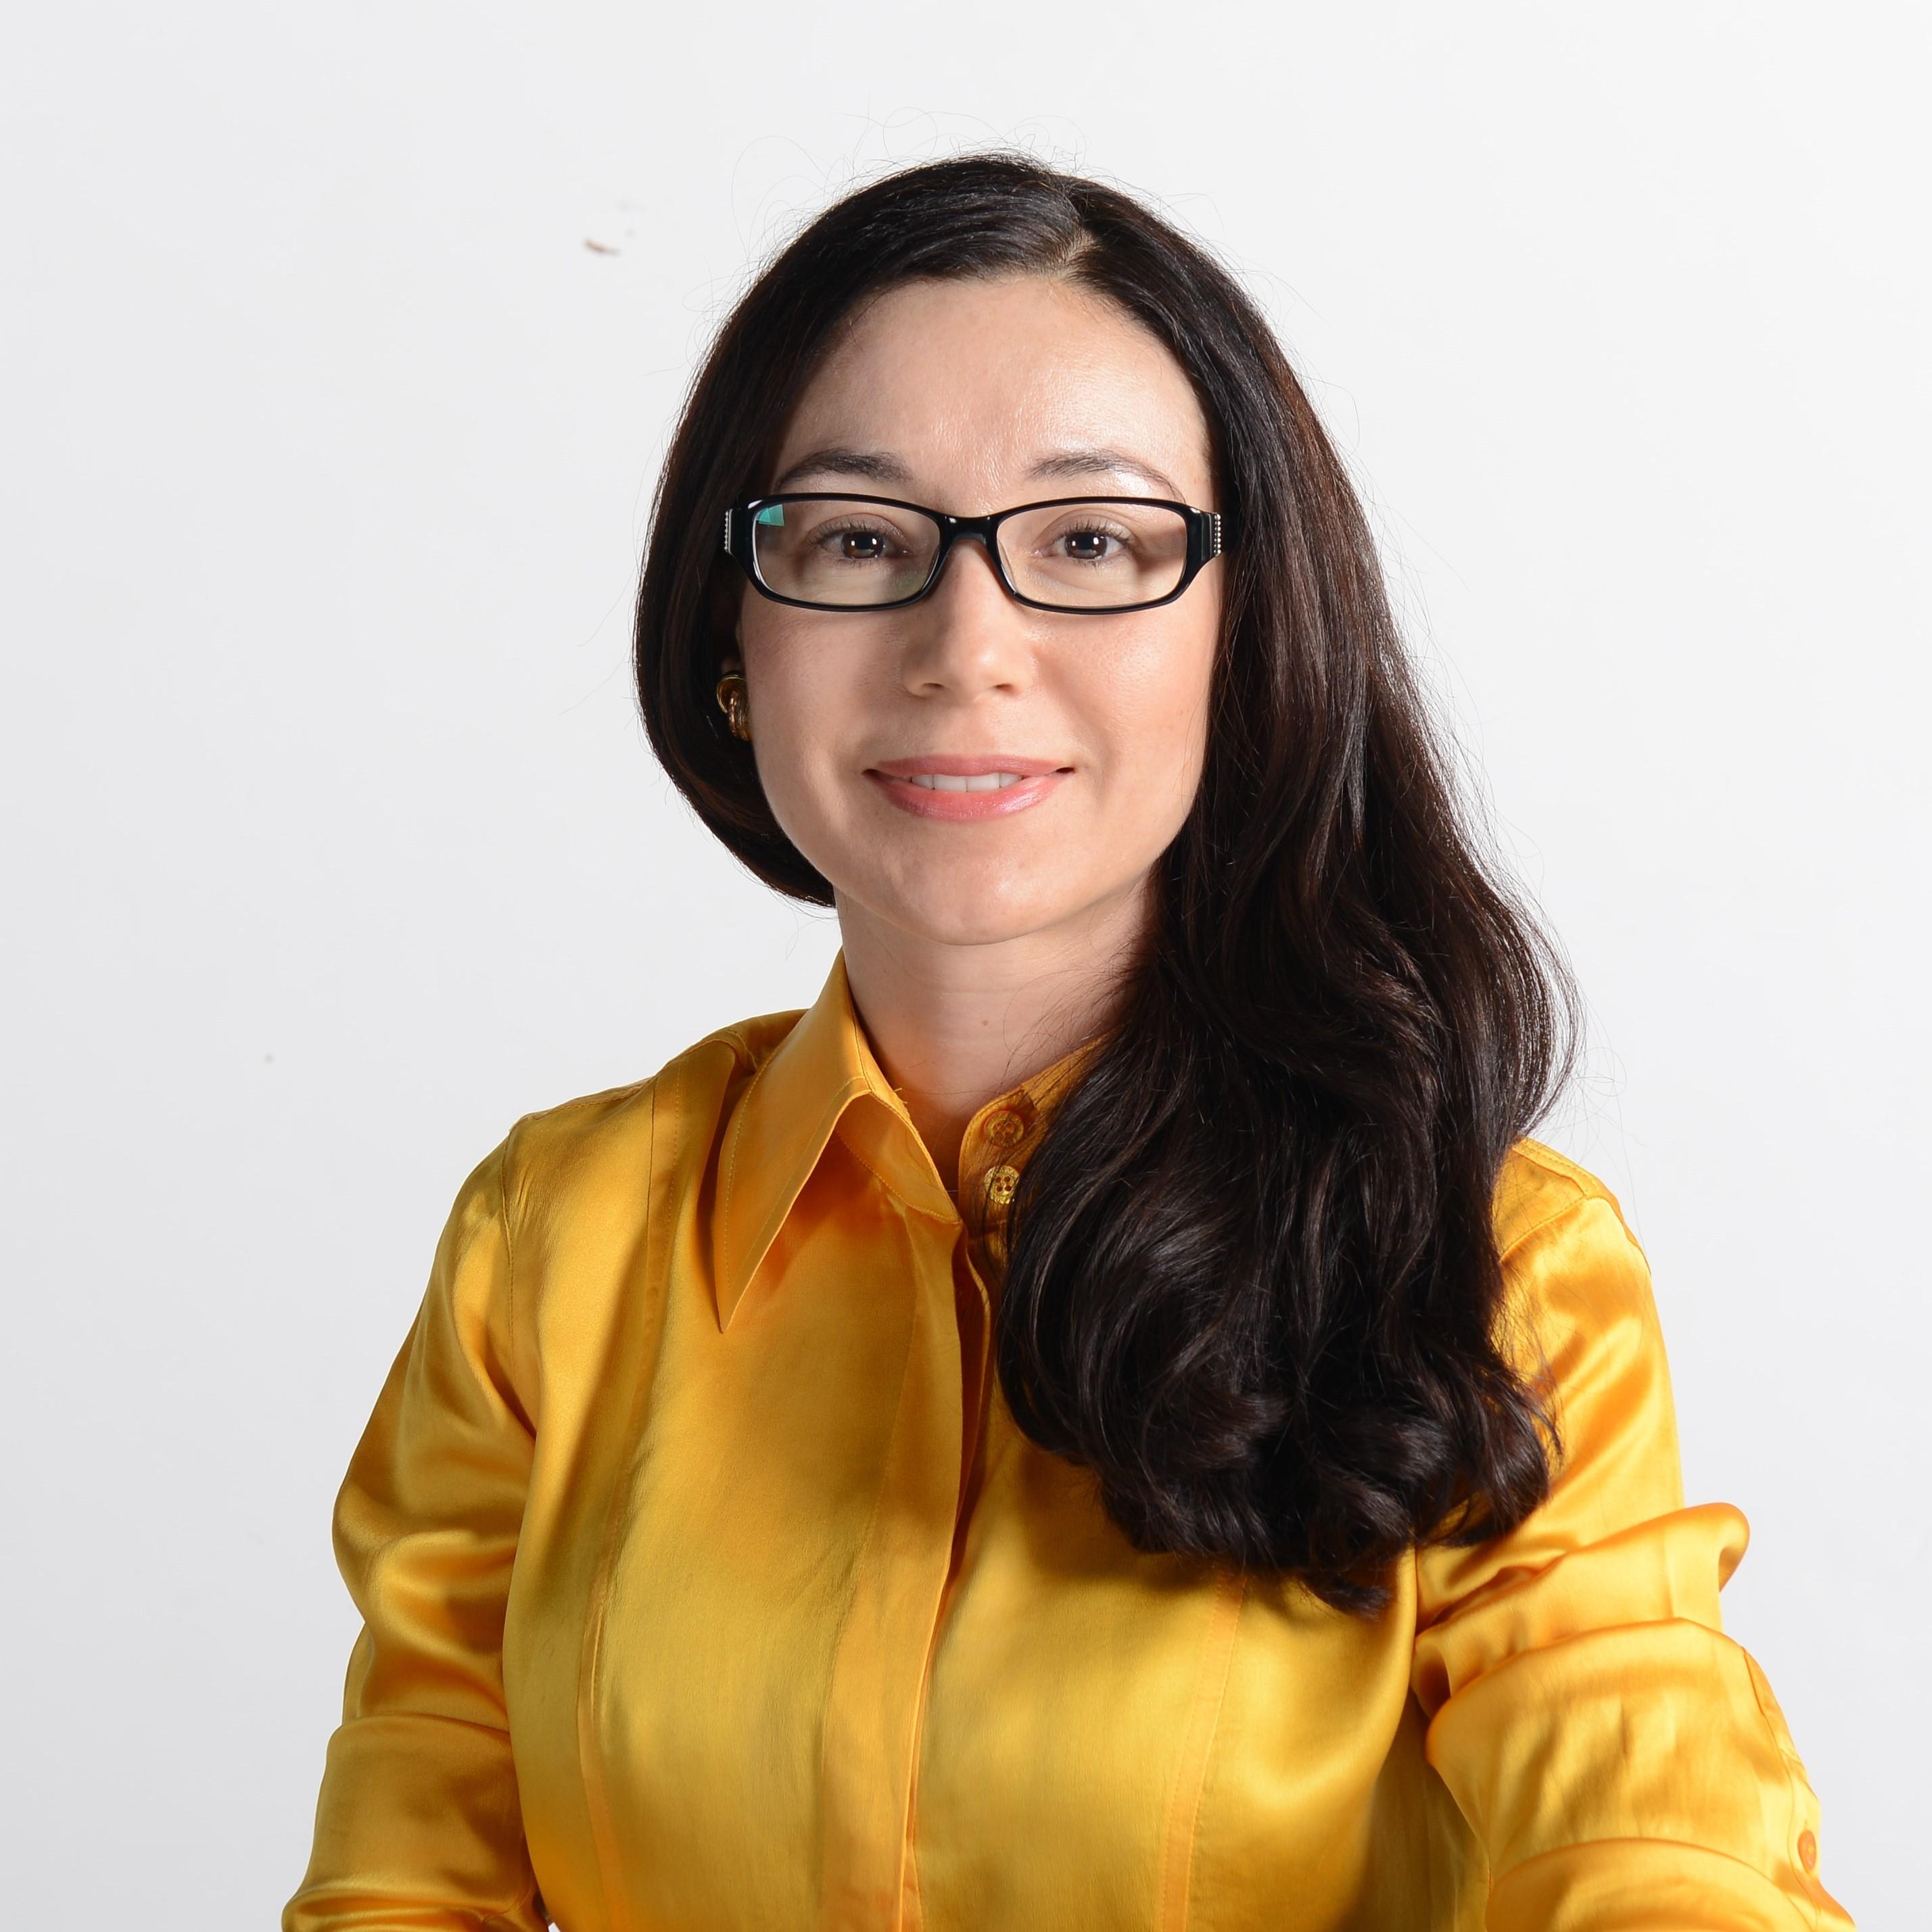 Katiana Maria Montoya Morales